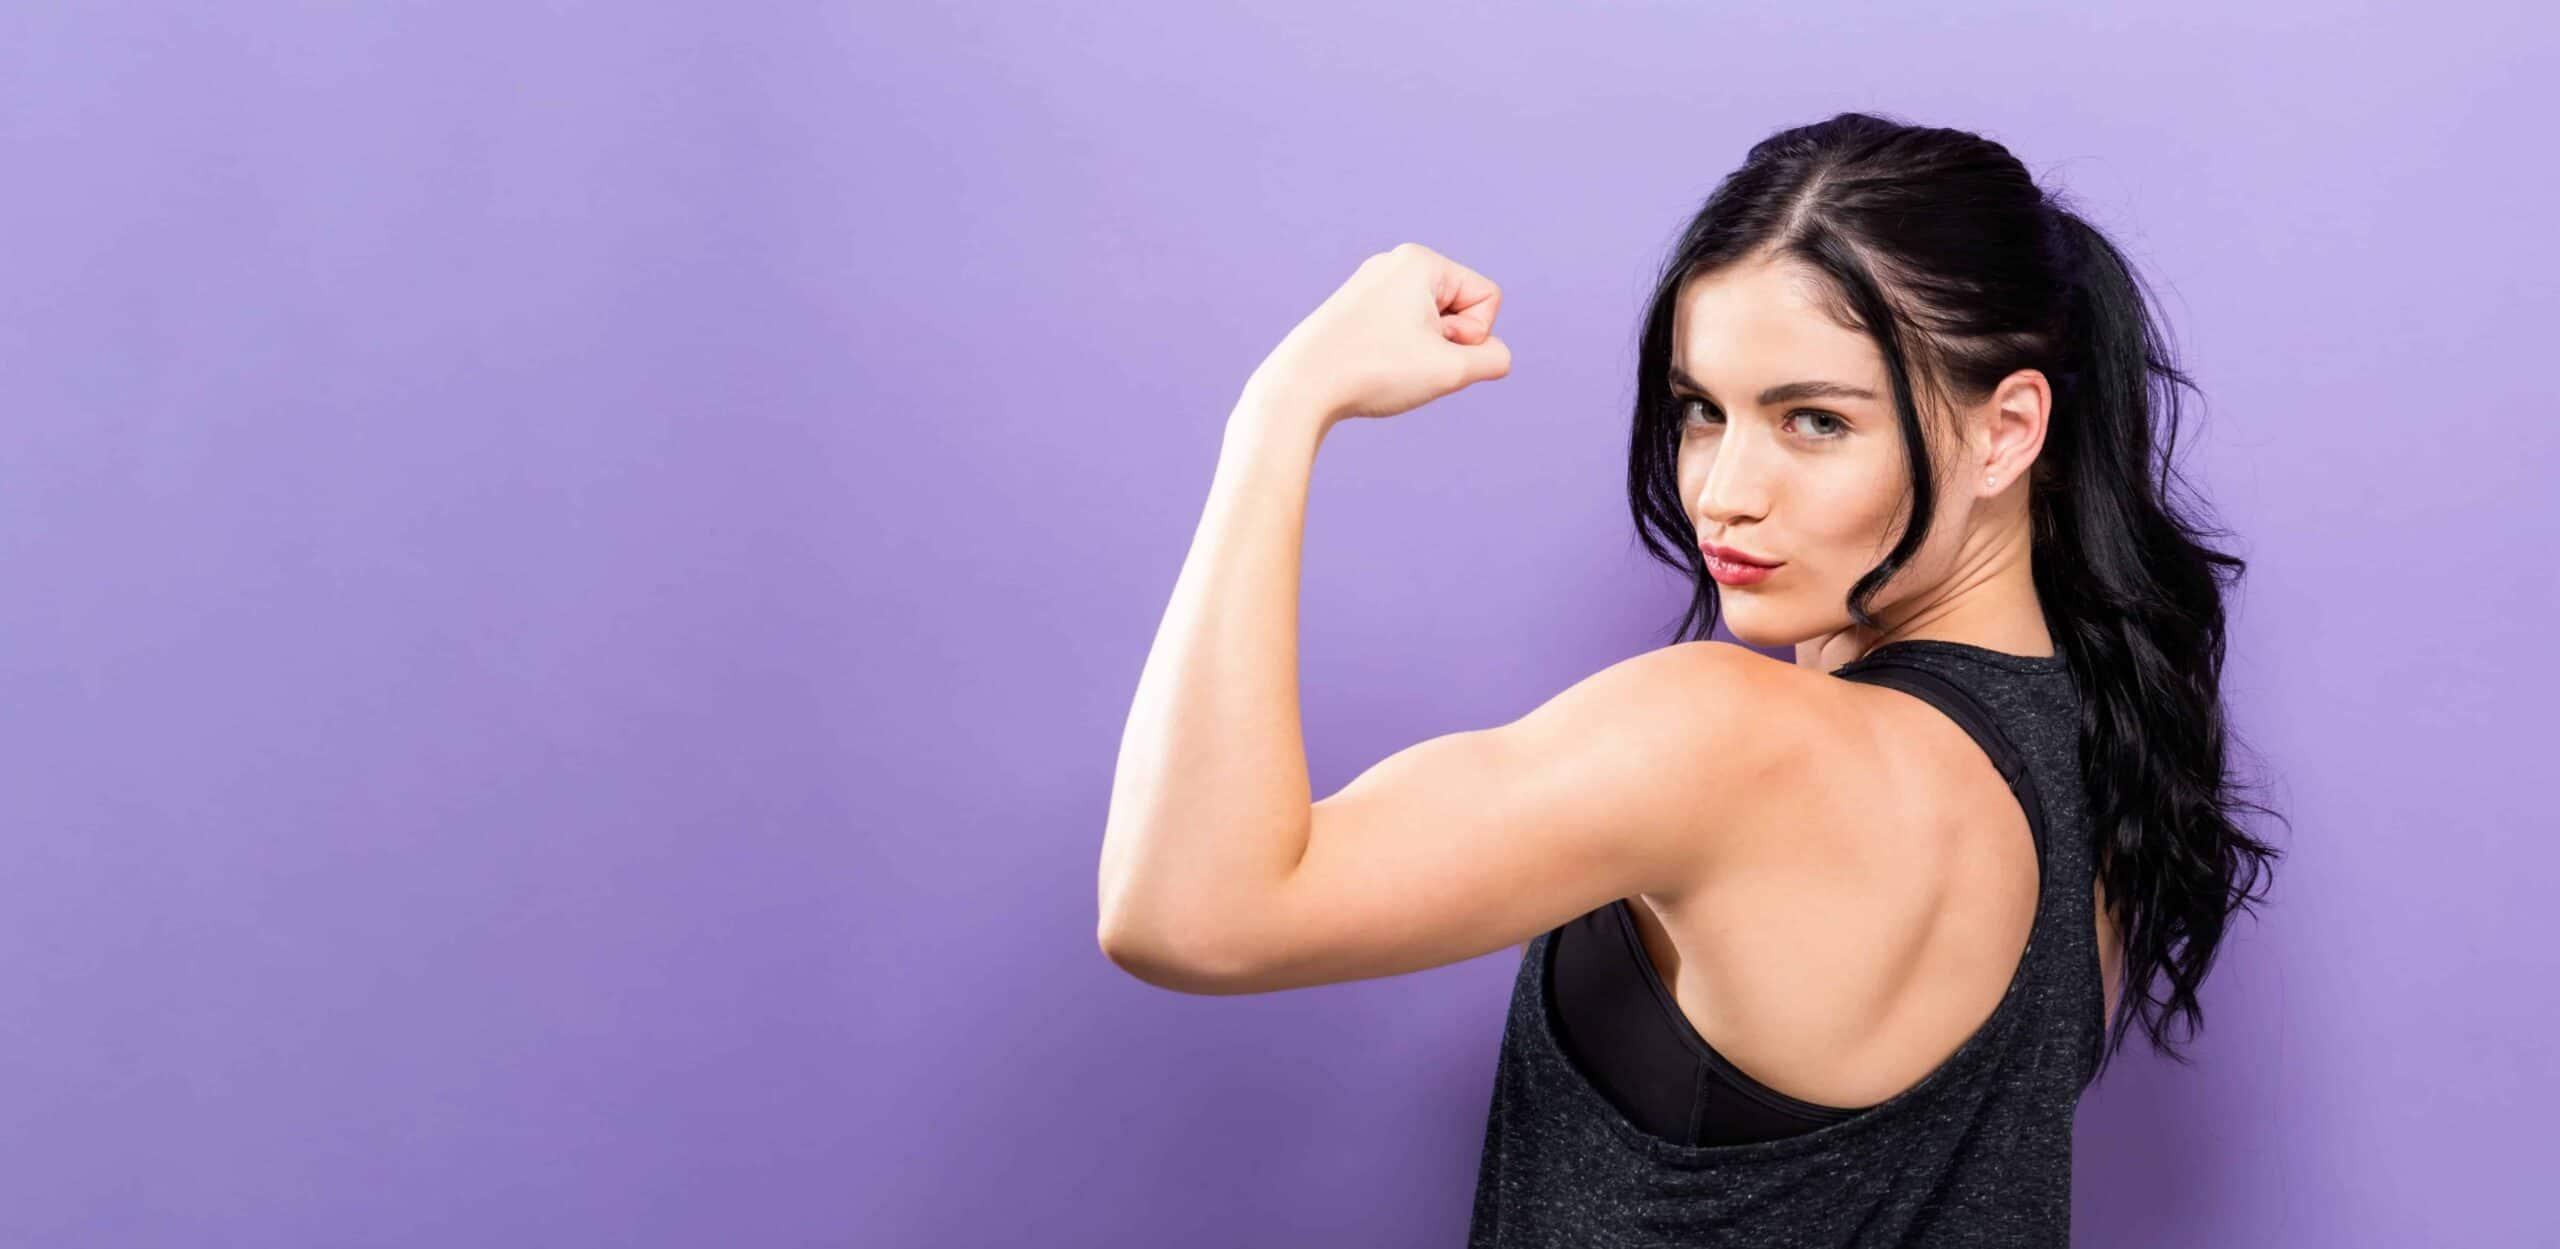 donna bodybuilding e palestra